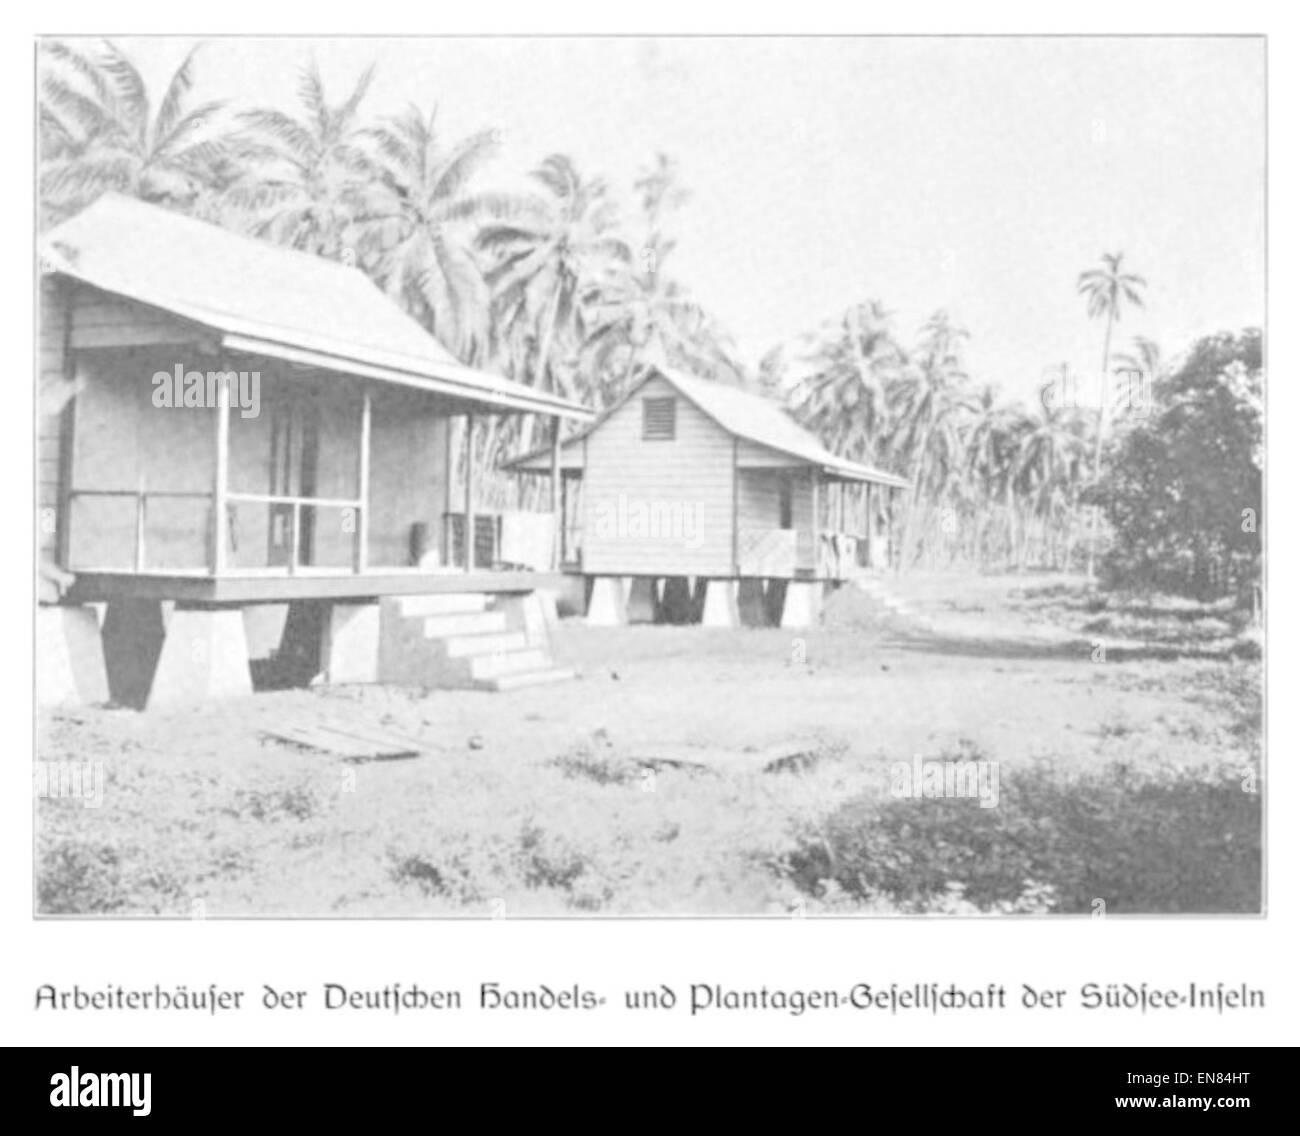 WOHLTMANN(1904) p105 ArbeiterhC3A4user, der Deutsche Handels- und Plantagengesellschaft der SC3BCdsee-Inseln - Stock Image